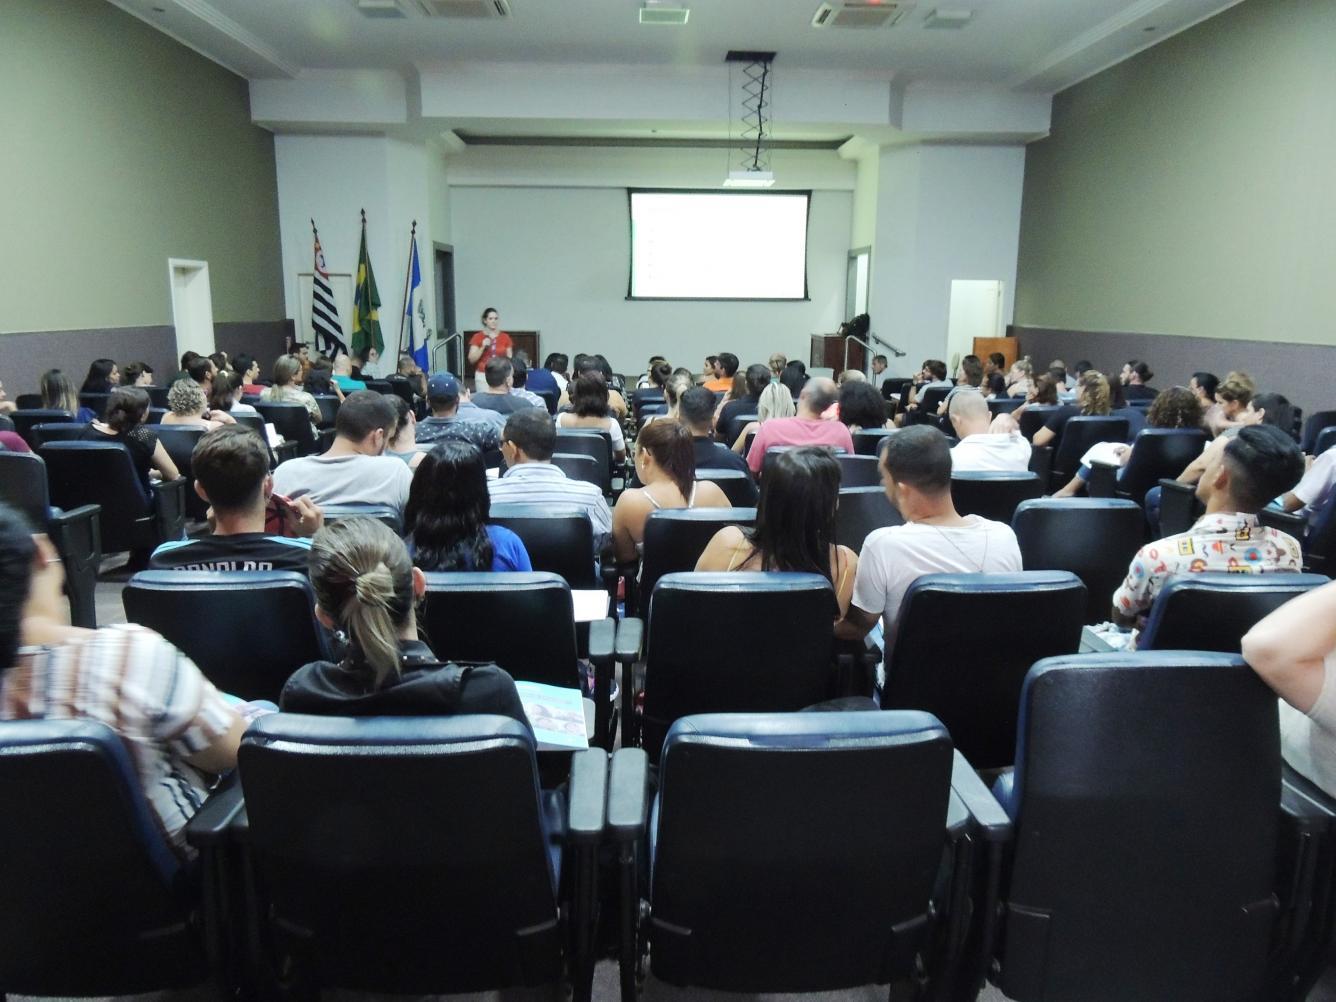 Super MEI realizado em janeiro na ACIL recebeu em média 150 participantes